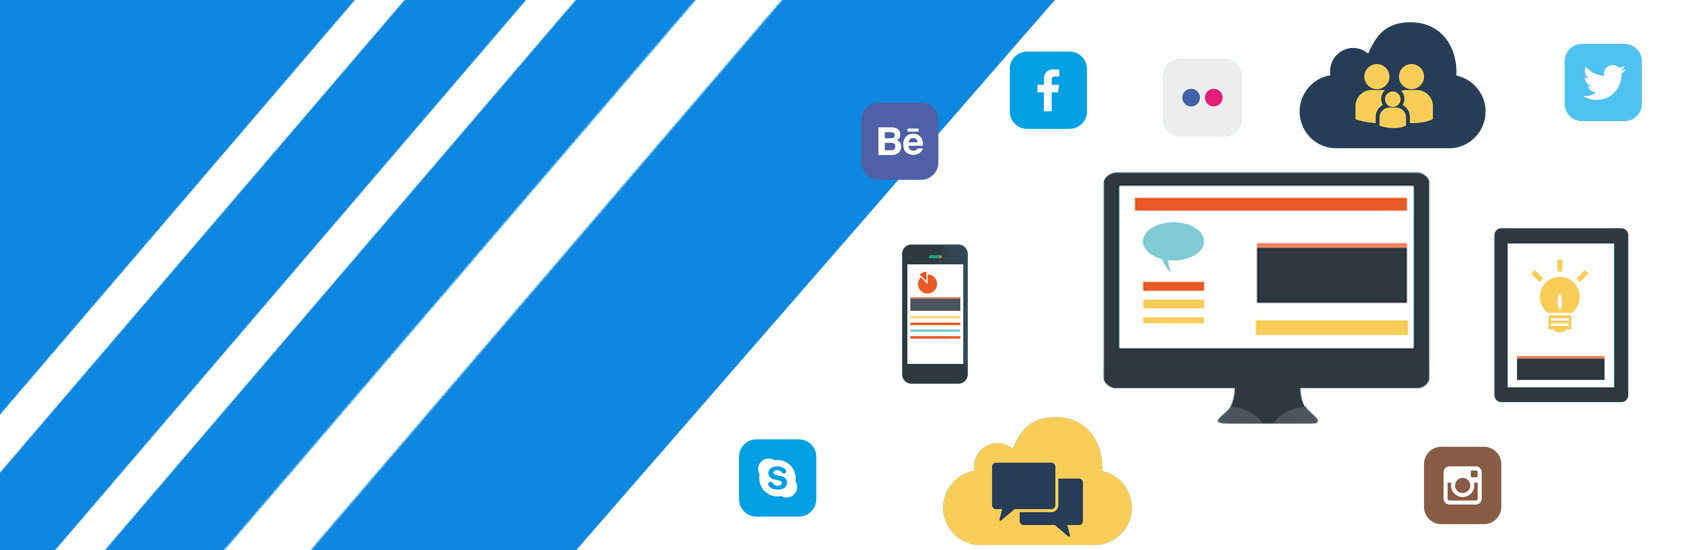 Продвижение бизнес-аккаунта в инстаграм